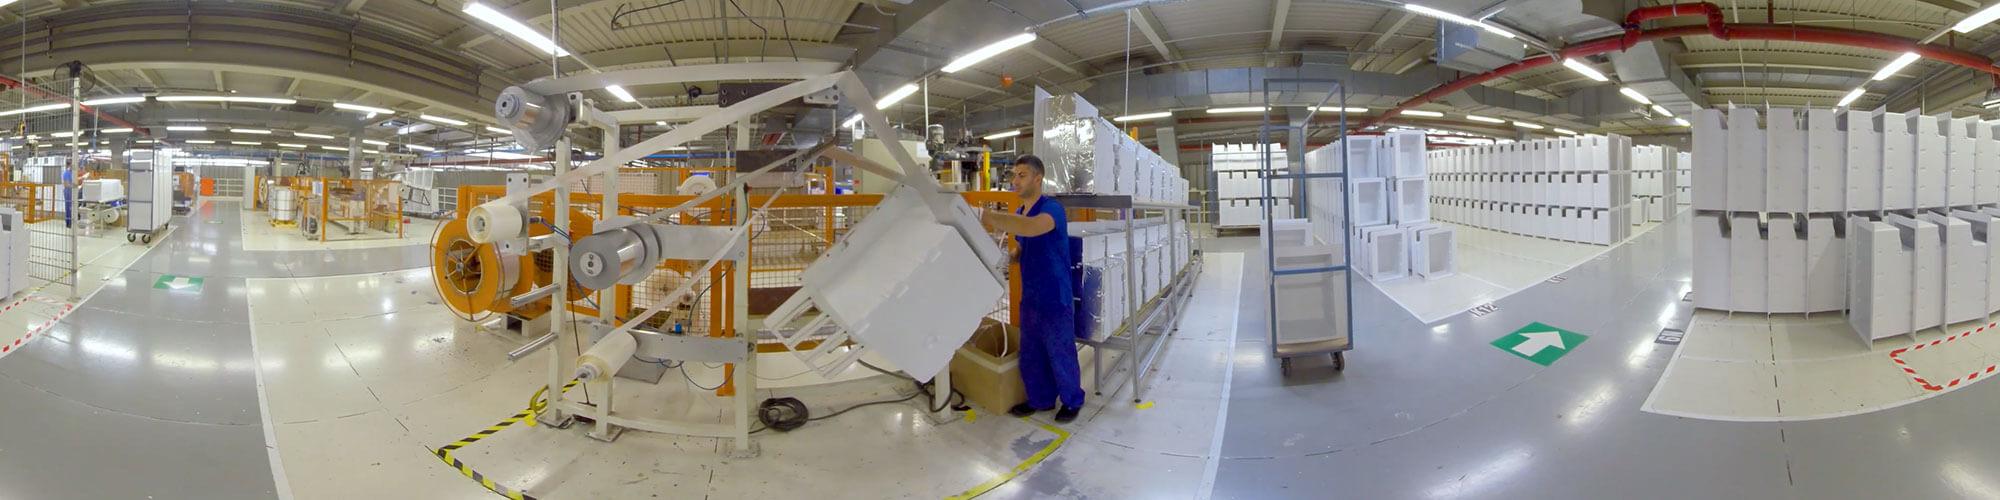 Aufnahme einer Produktion in 360 Grad